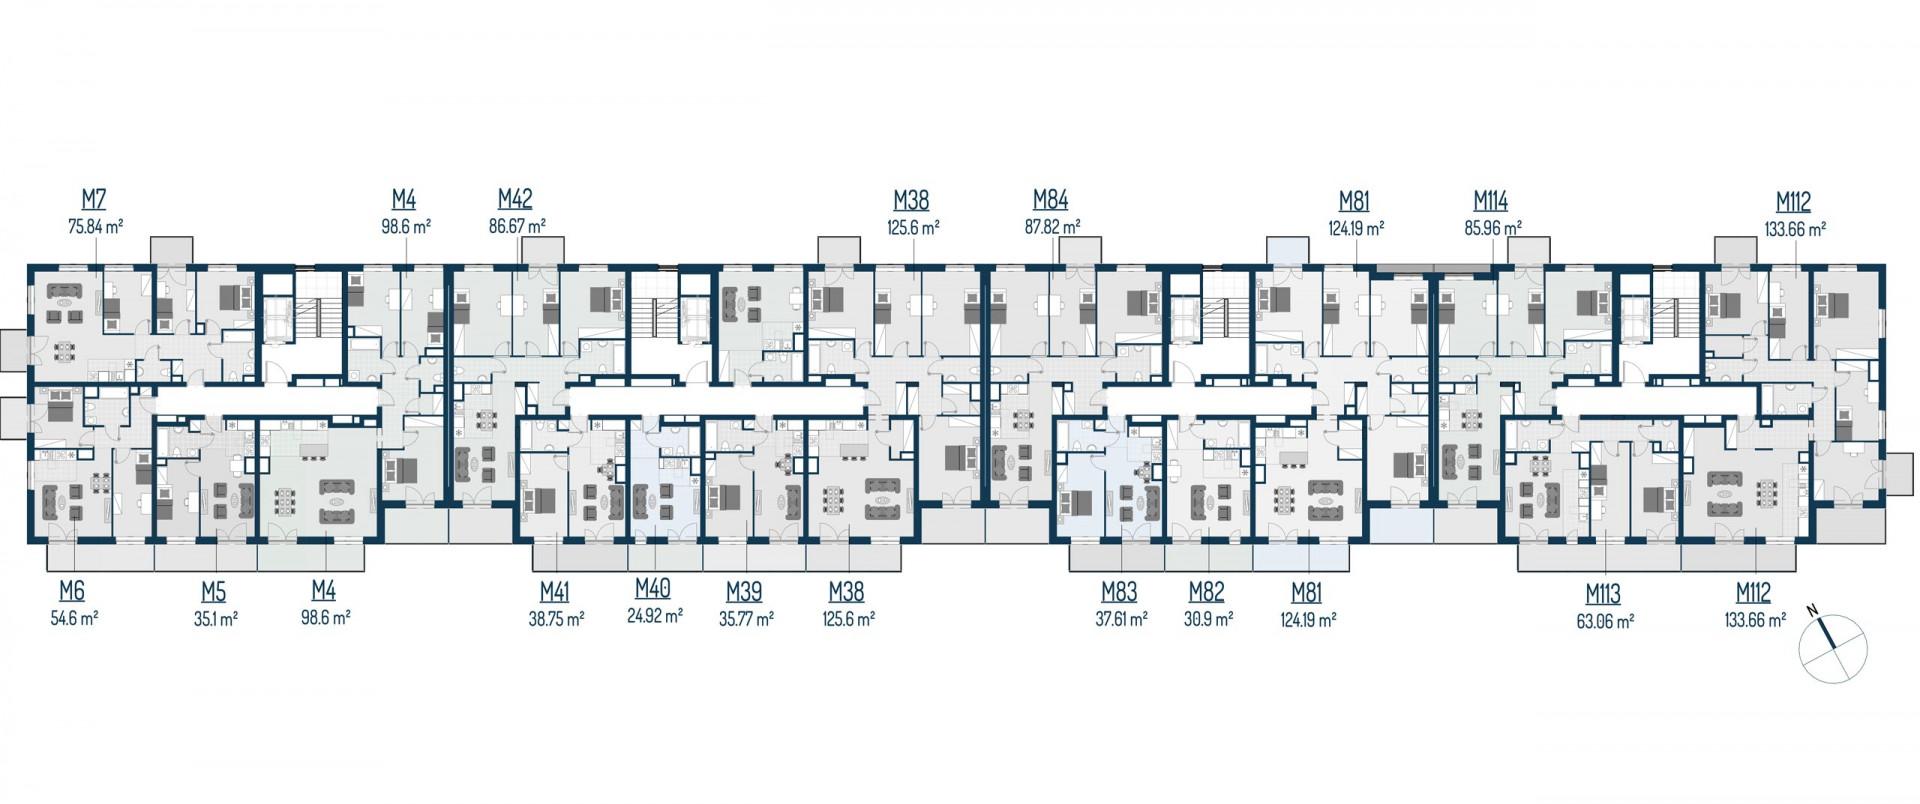 Zdrowe Stylove / budynek 2 / mieszkanie nr 5 rzut 2